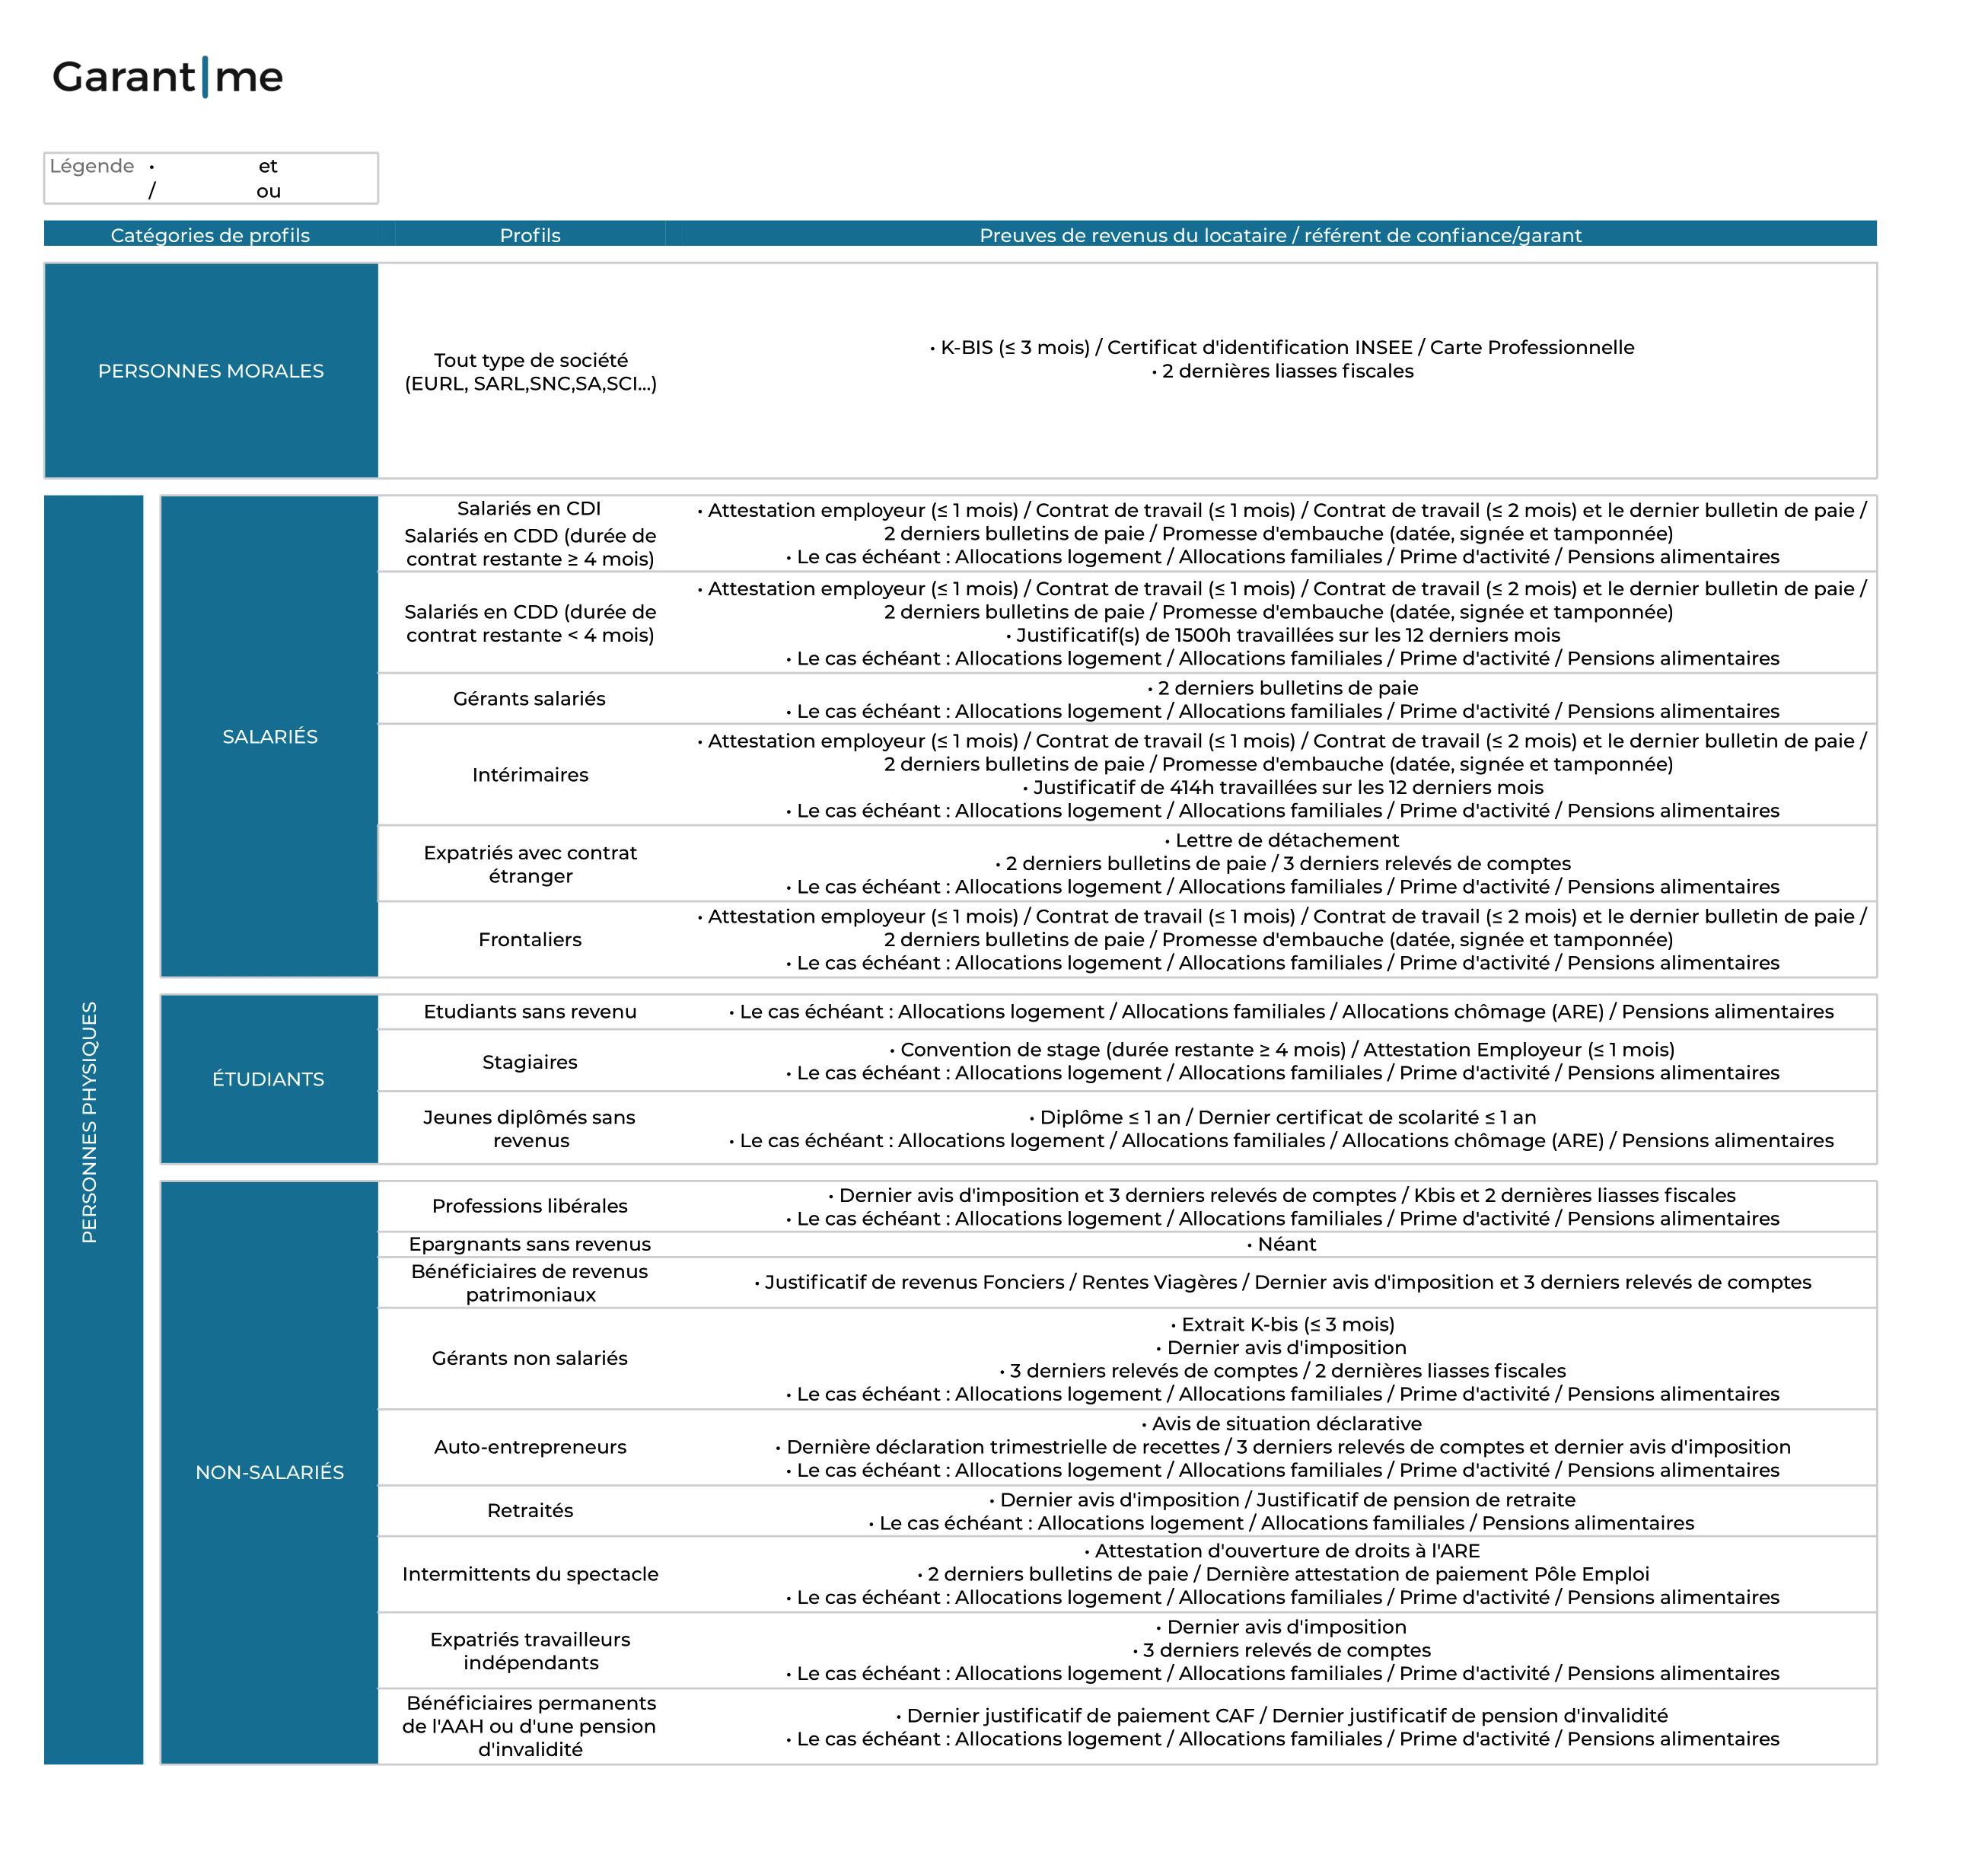 https://cdn2.hubspot.net/hubfs/2607377/Documents_Persona_Blog_pngFormat.png